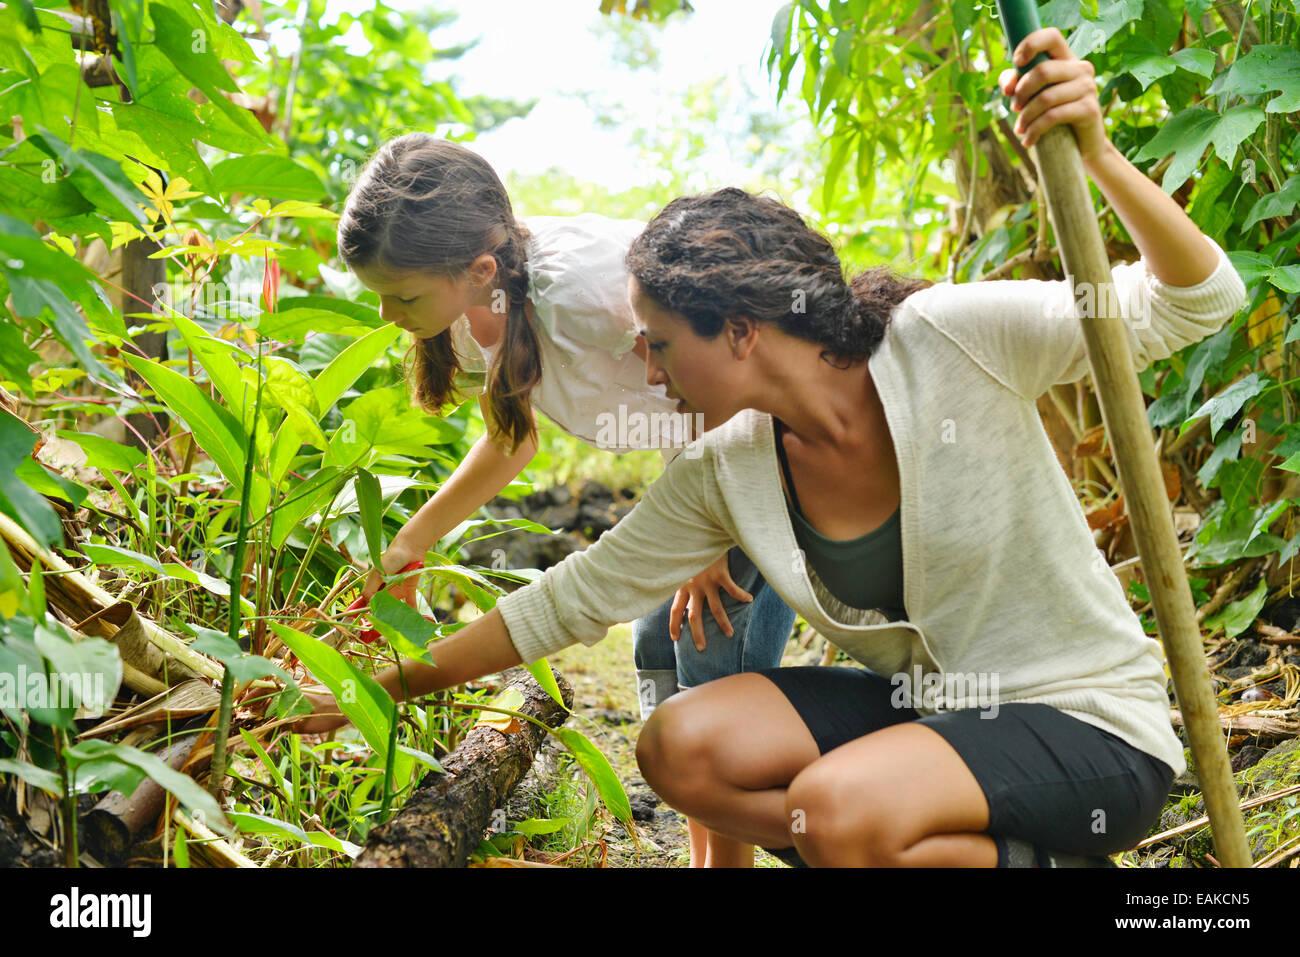 Frau und Mädchen Inspektion Pflanzen im Garten Stockbild